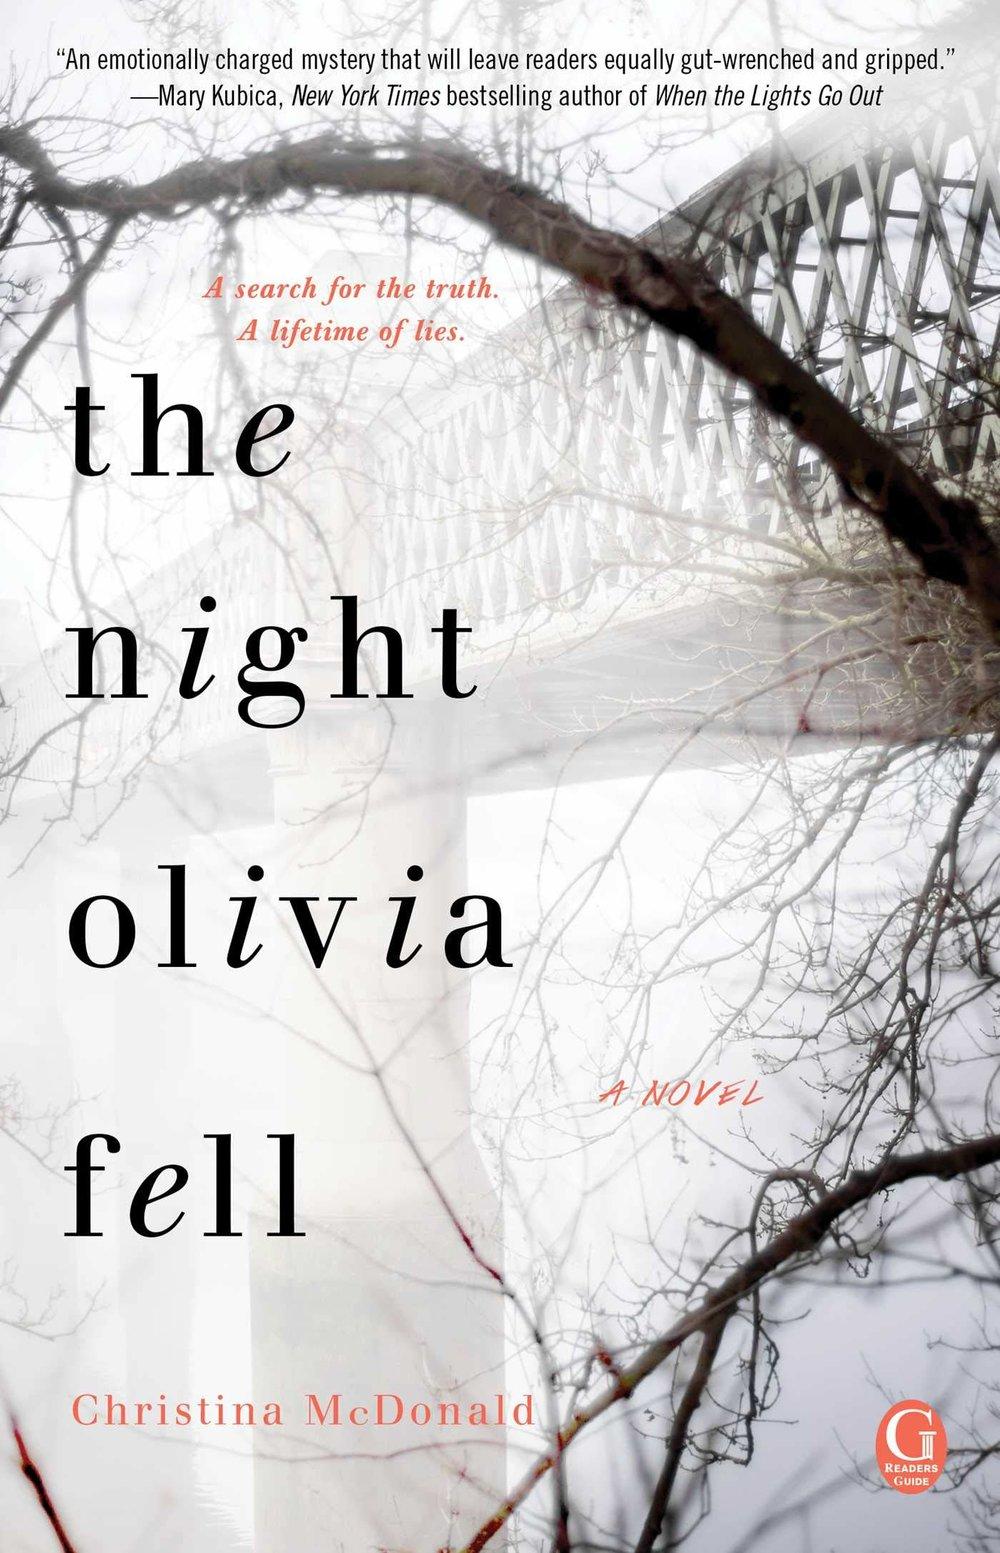 the night olivia fell.jpg